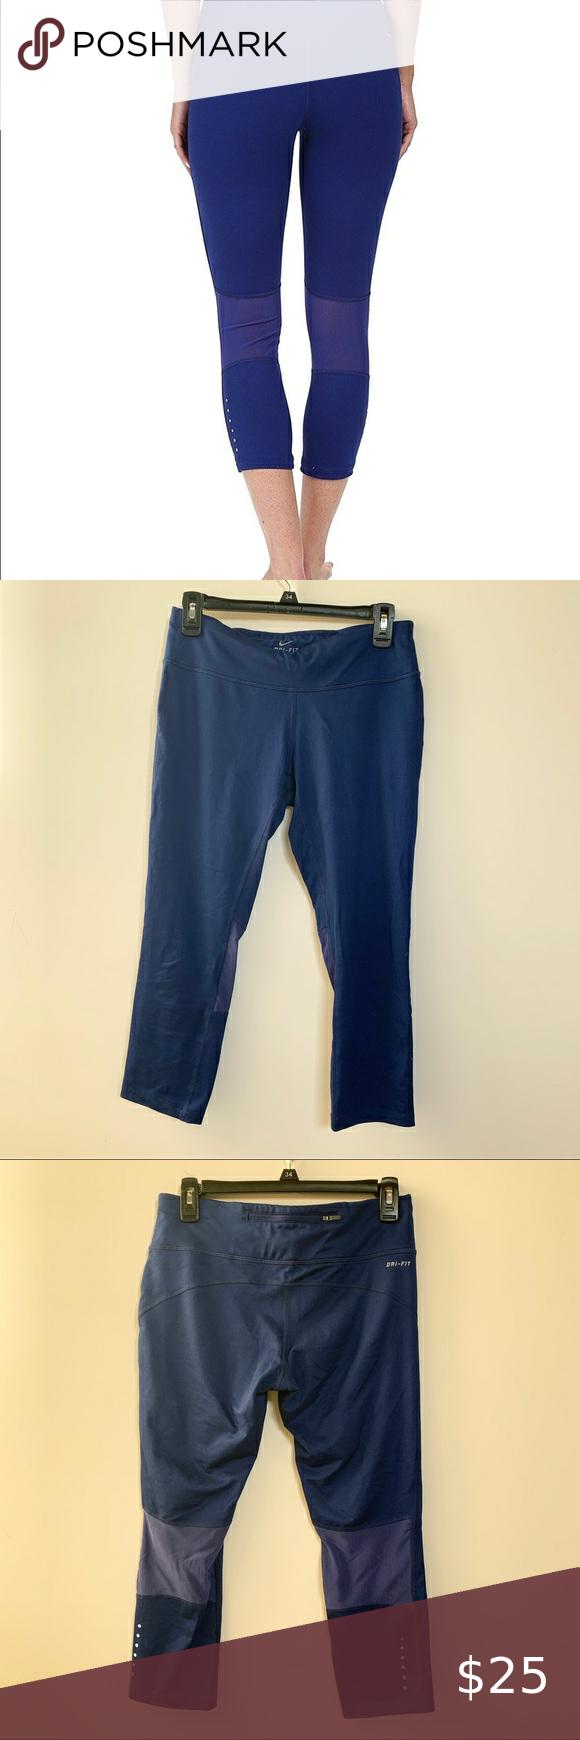 Nike Dri Fit Capri Legging Blue | Pants for women, Capri ...